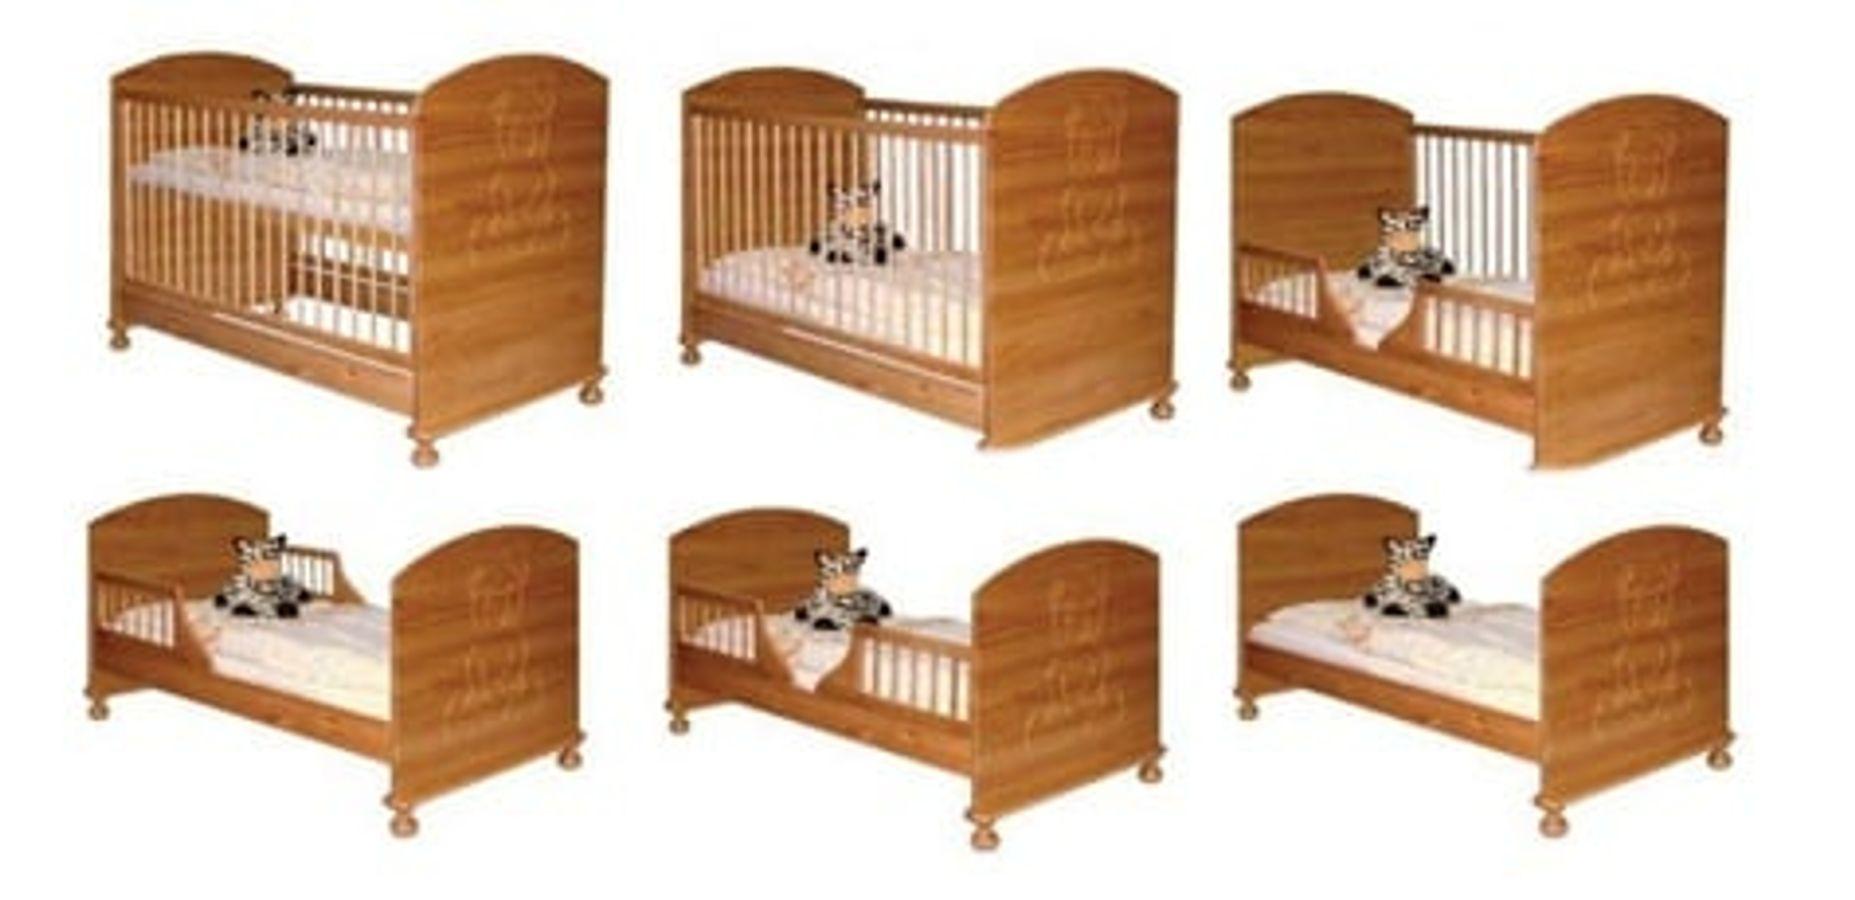 Giường Cũi Teddy 9 Trong 1 Đa Chức Năng (Màu Gỗ)